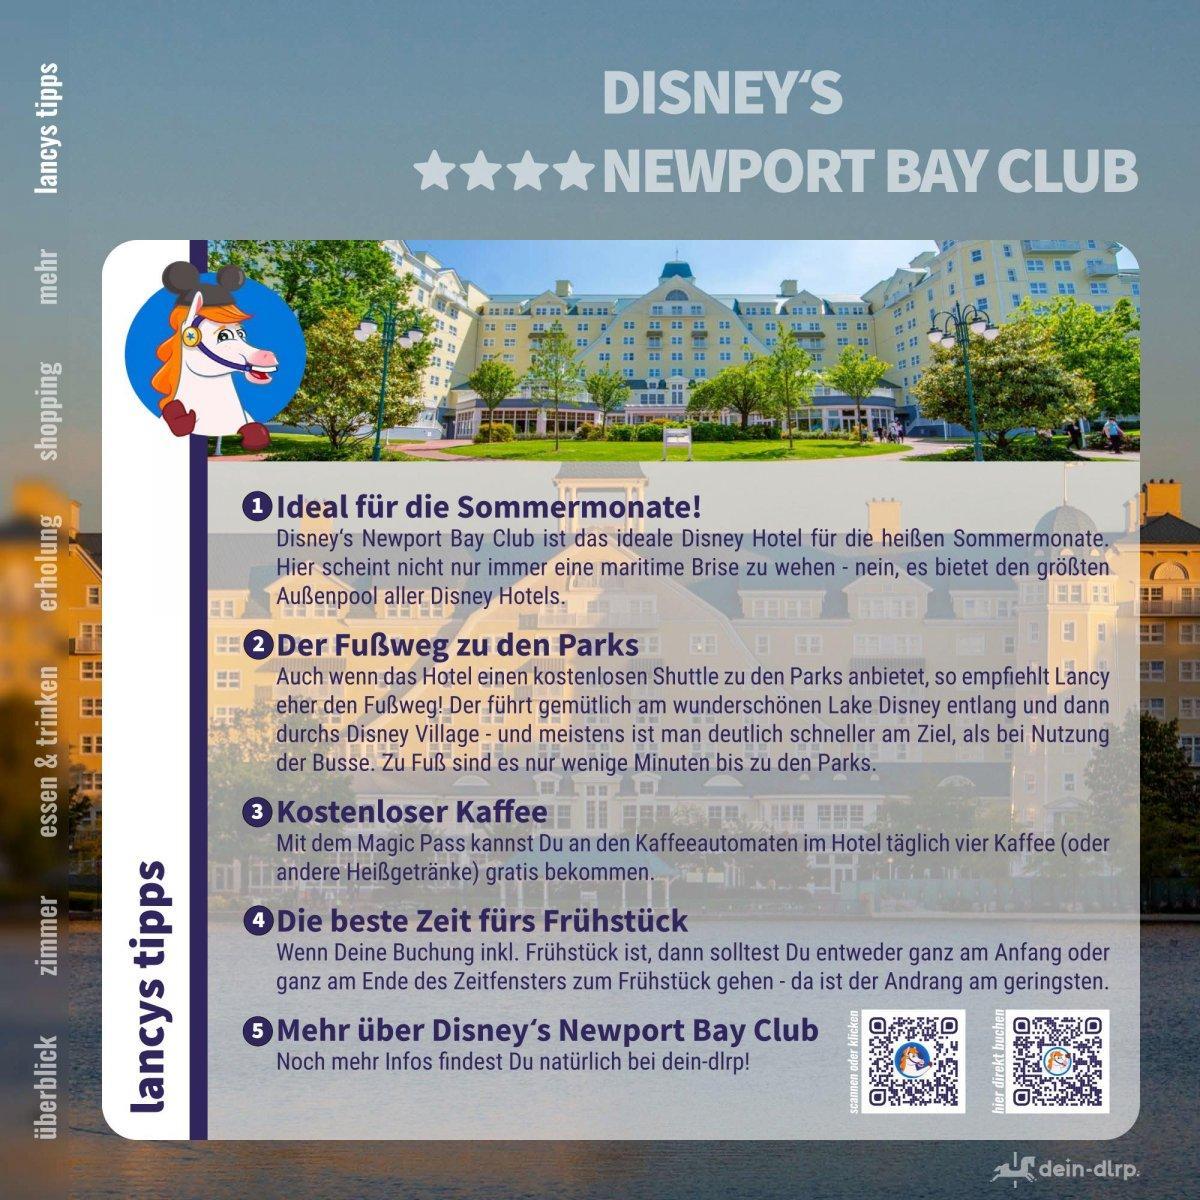 disneys-newport-bay-club-hotel-fuehrer_08.jpg